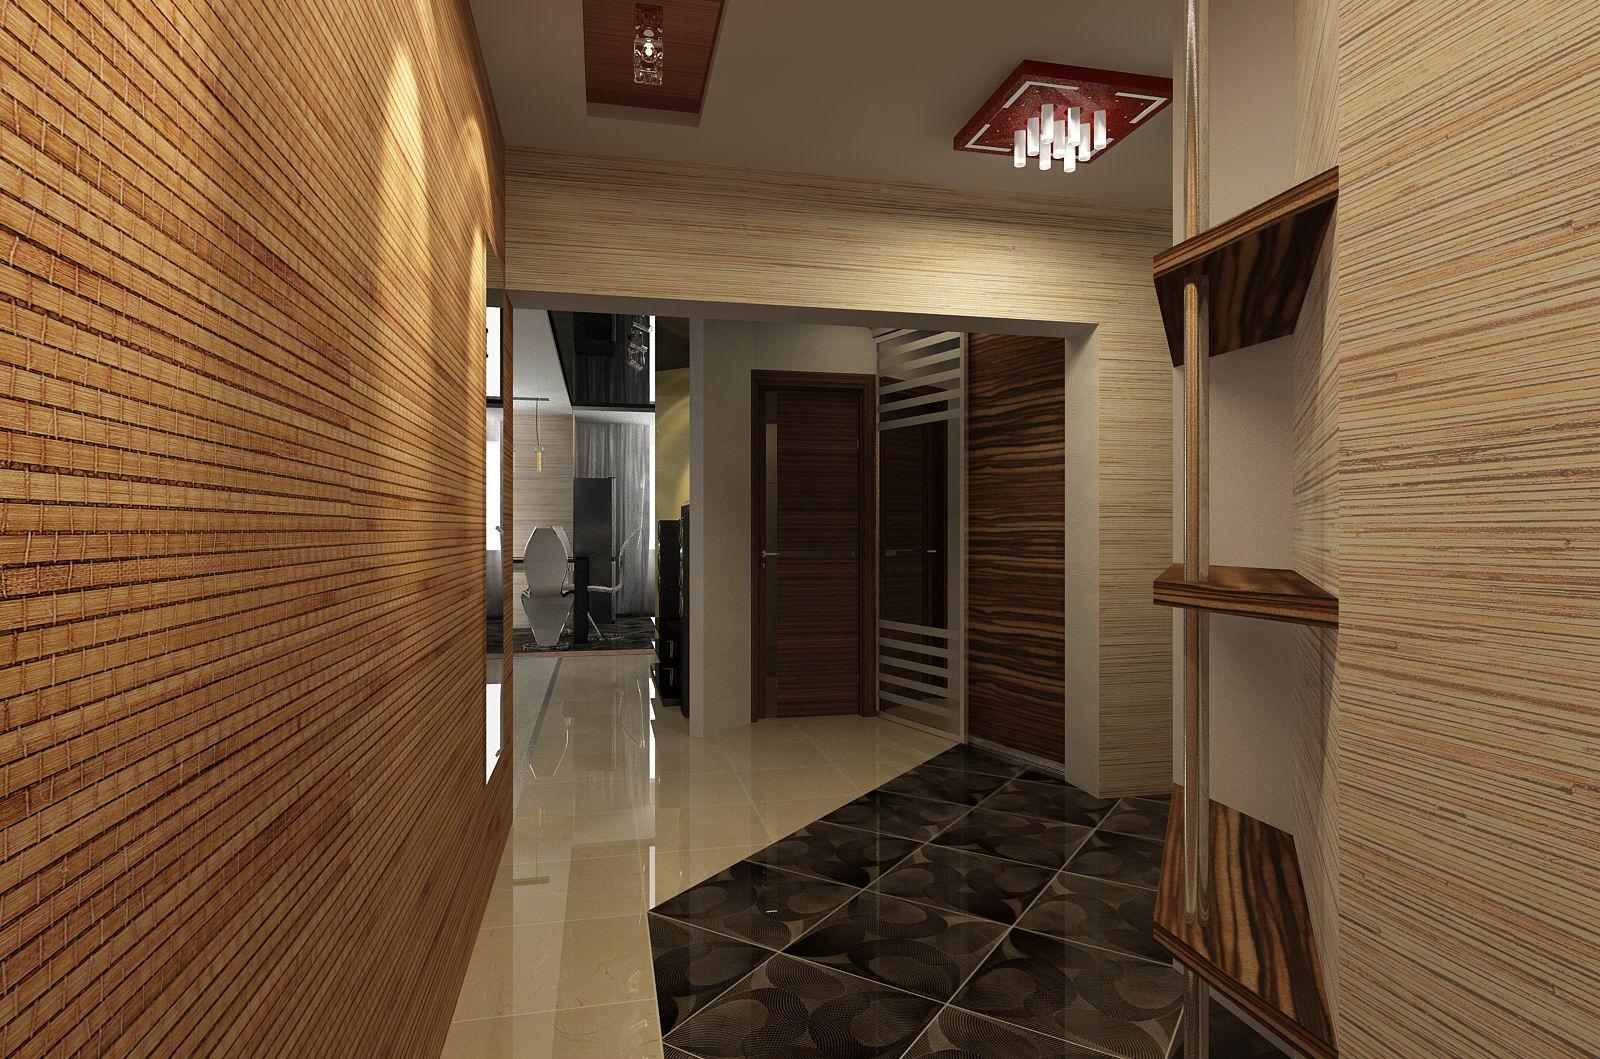 проходная комната с отделкой камнем и матовой стенкой